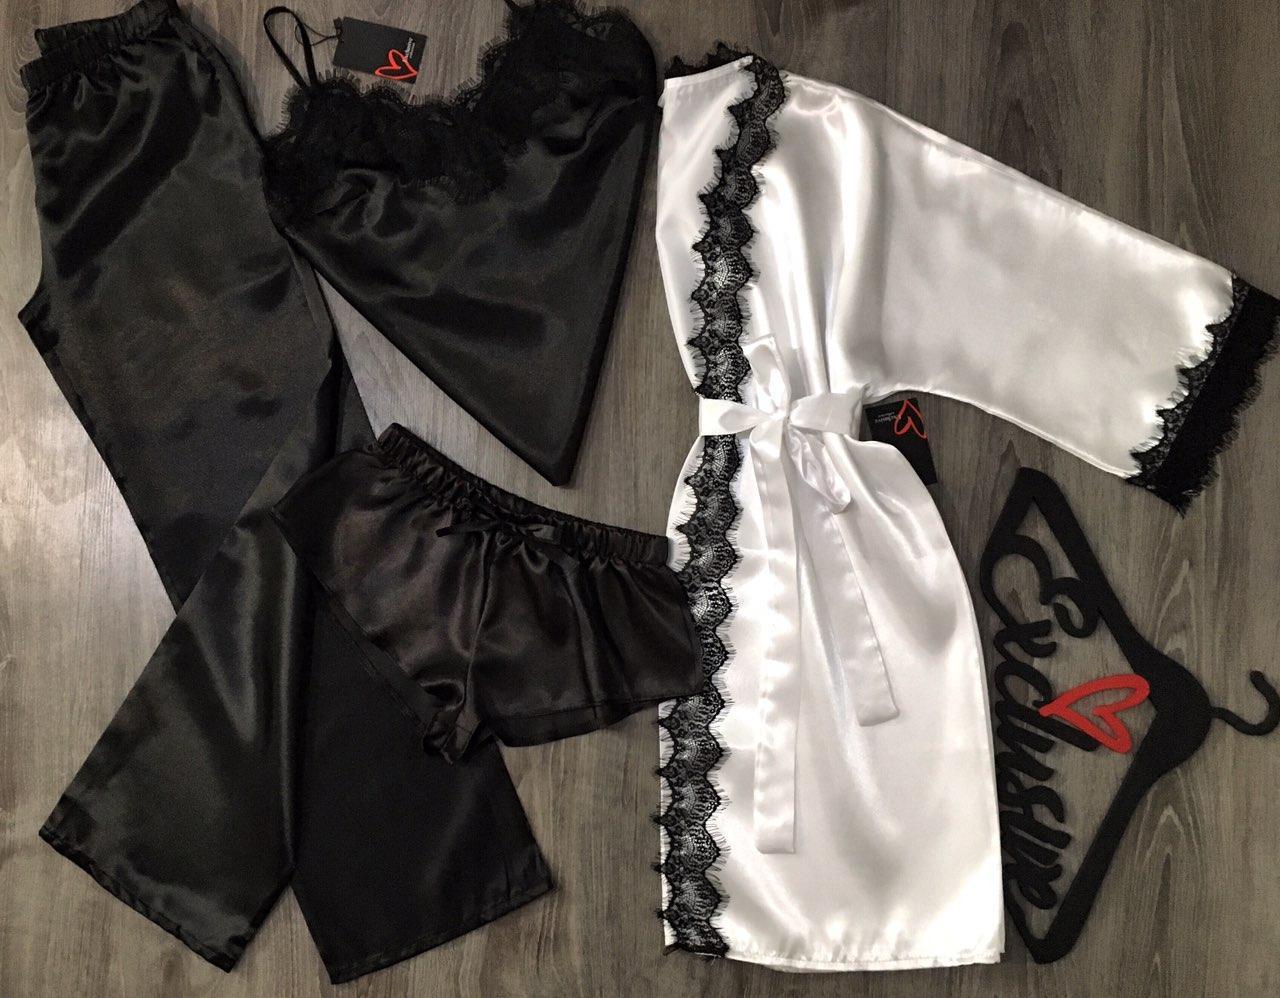 Білий атласний халат і чорна атласна піжама